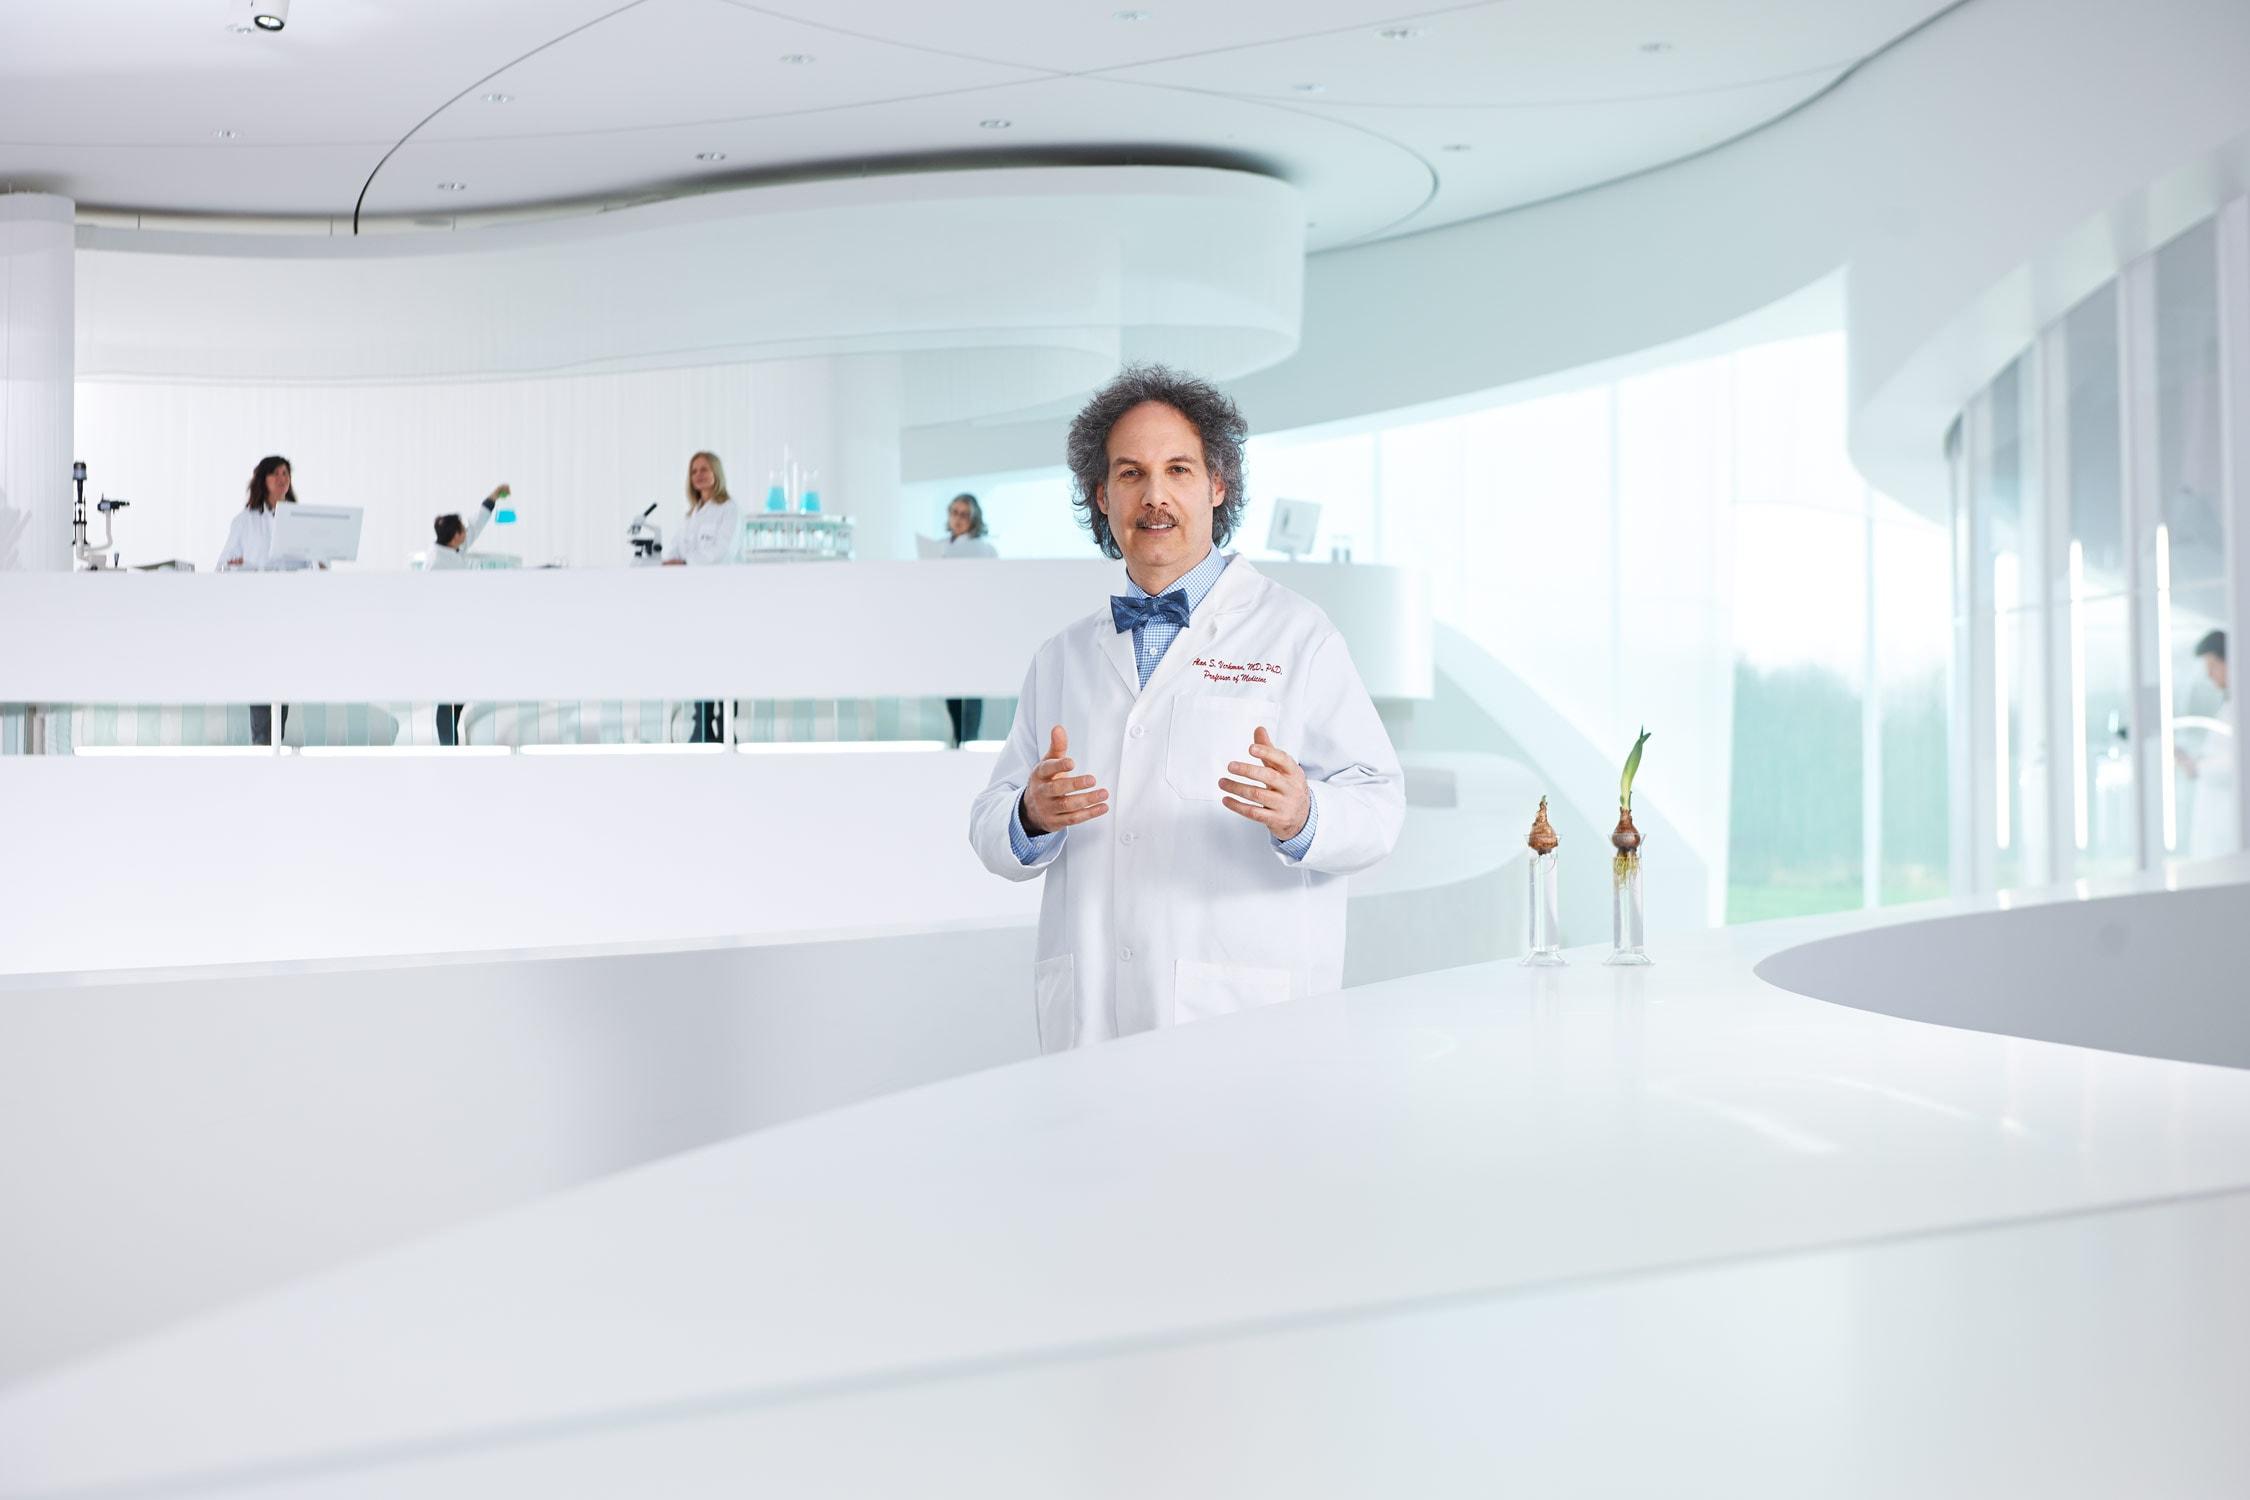 Portrait von einem Forschungsprofessor in eine großen, hellen Labor mit Mitarbeitern im Hintergrund